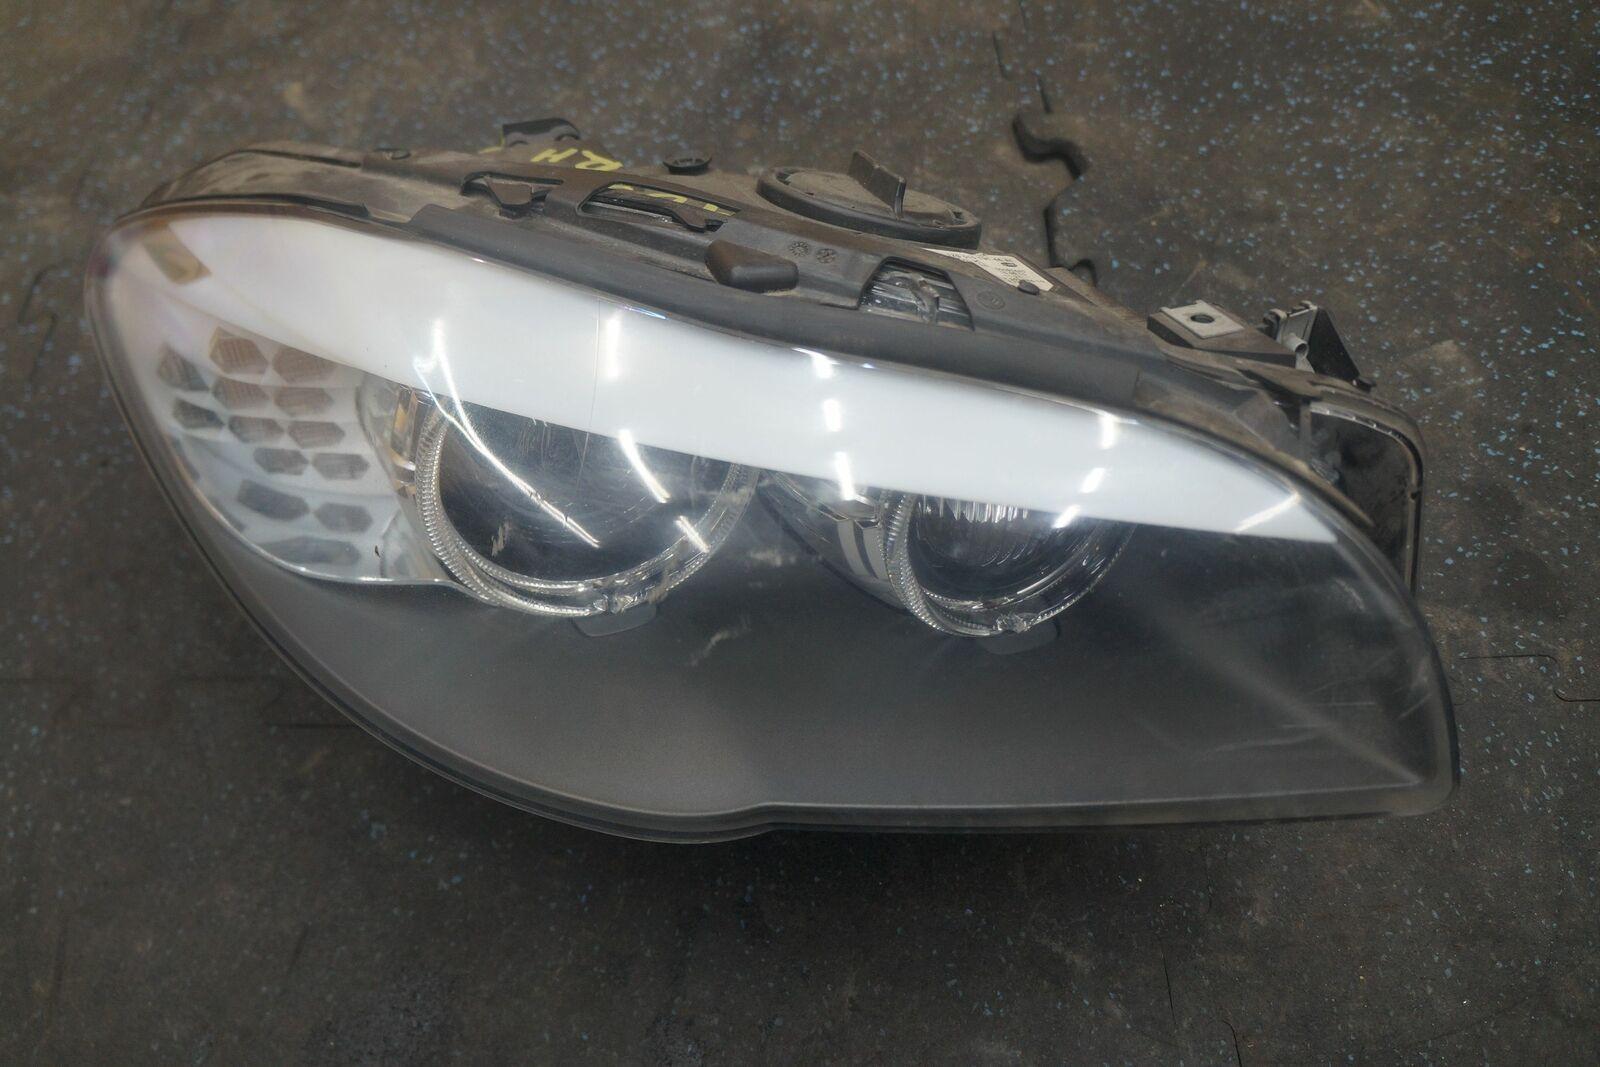 Right Xenon Adaptive Headlight Headlamp 63117271904 BMW 535i